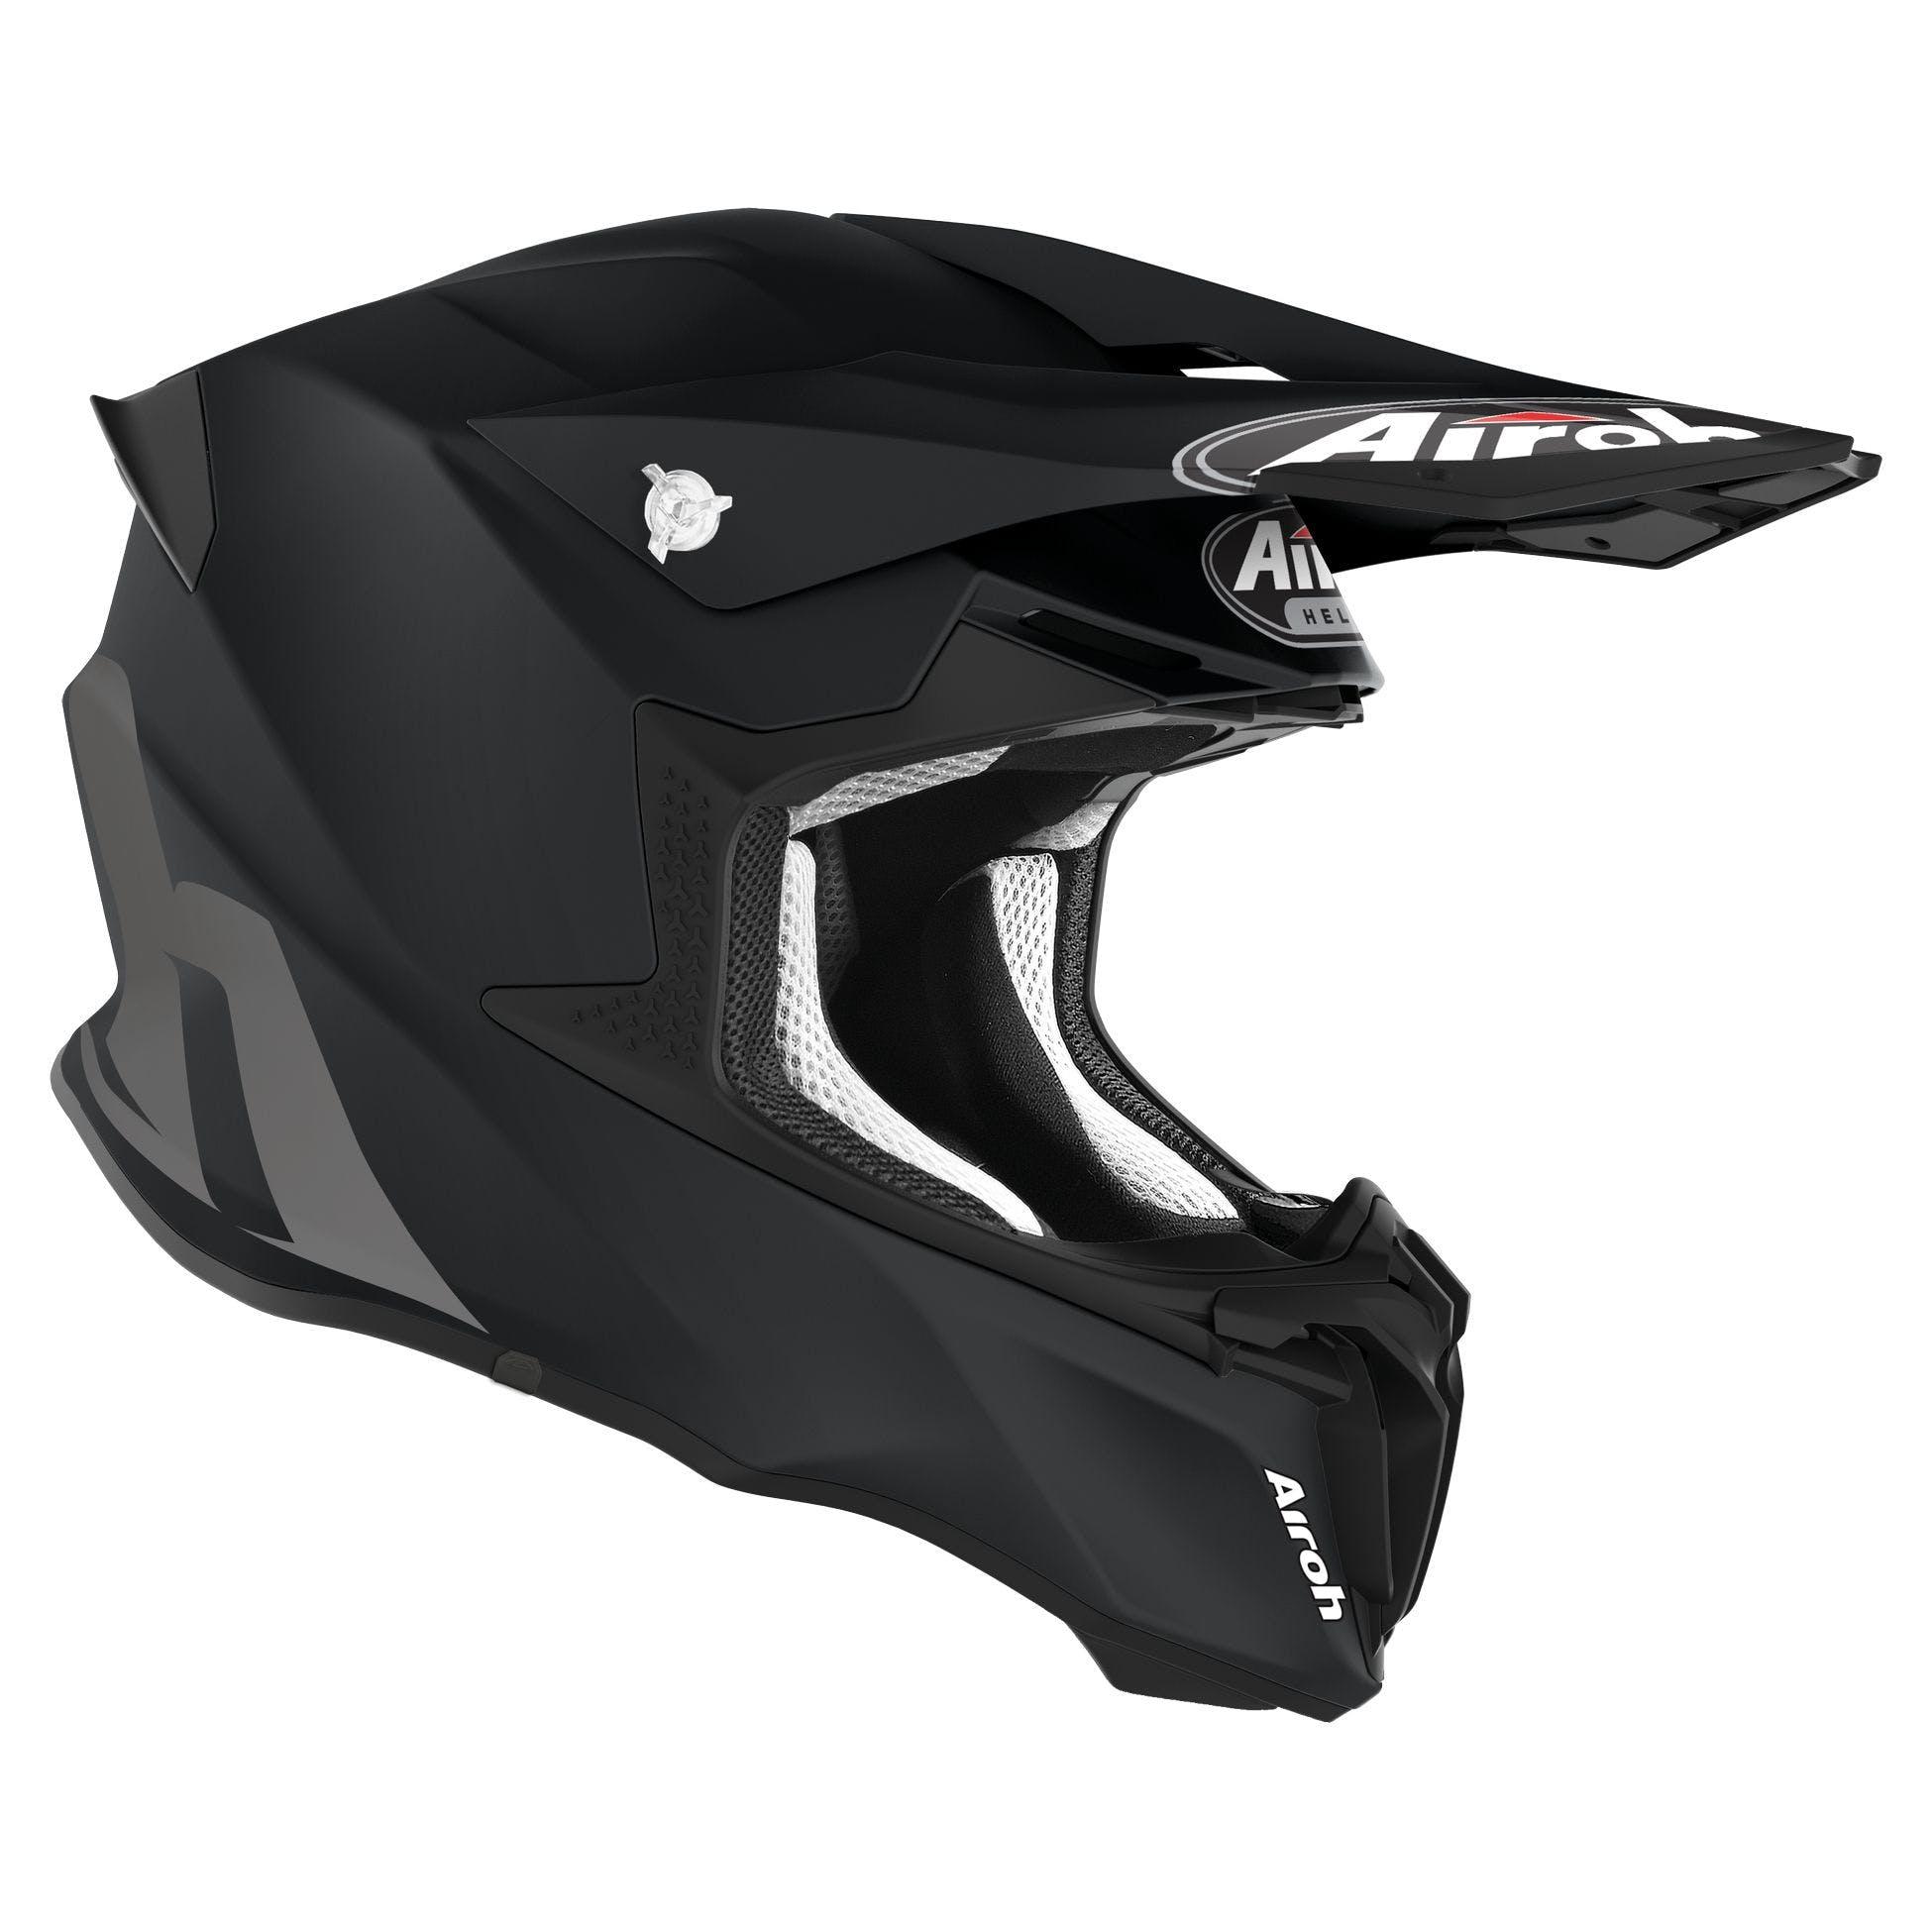 research.unir.net New 2020 Airoh Twist 2.0 Matt Black Helmet ...